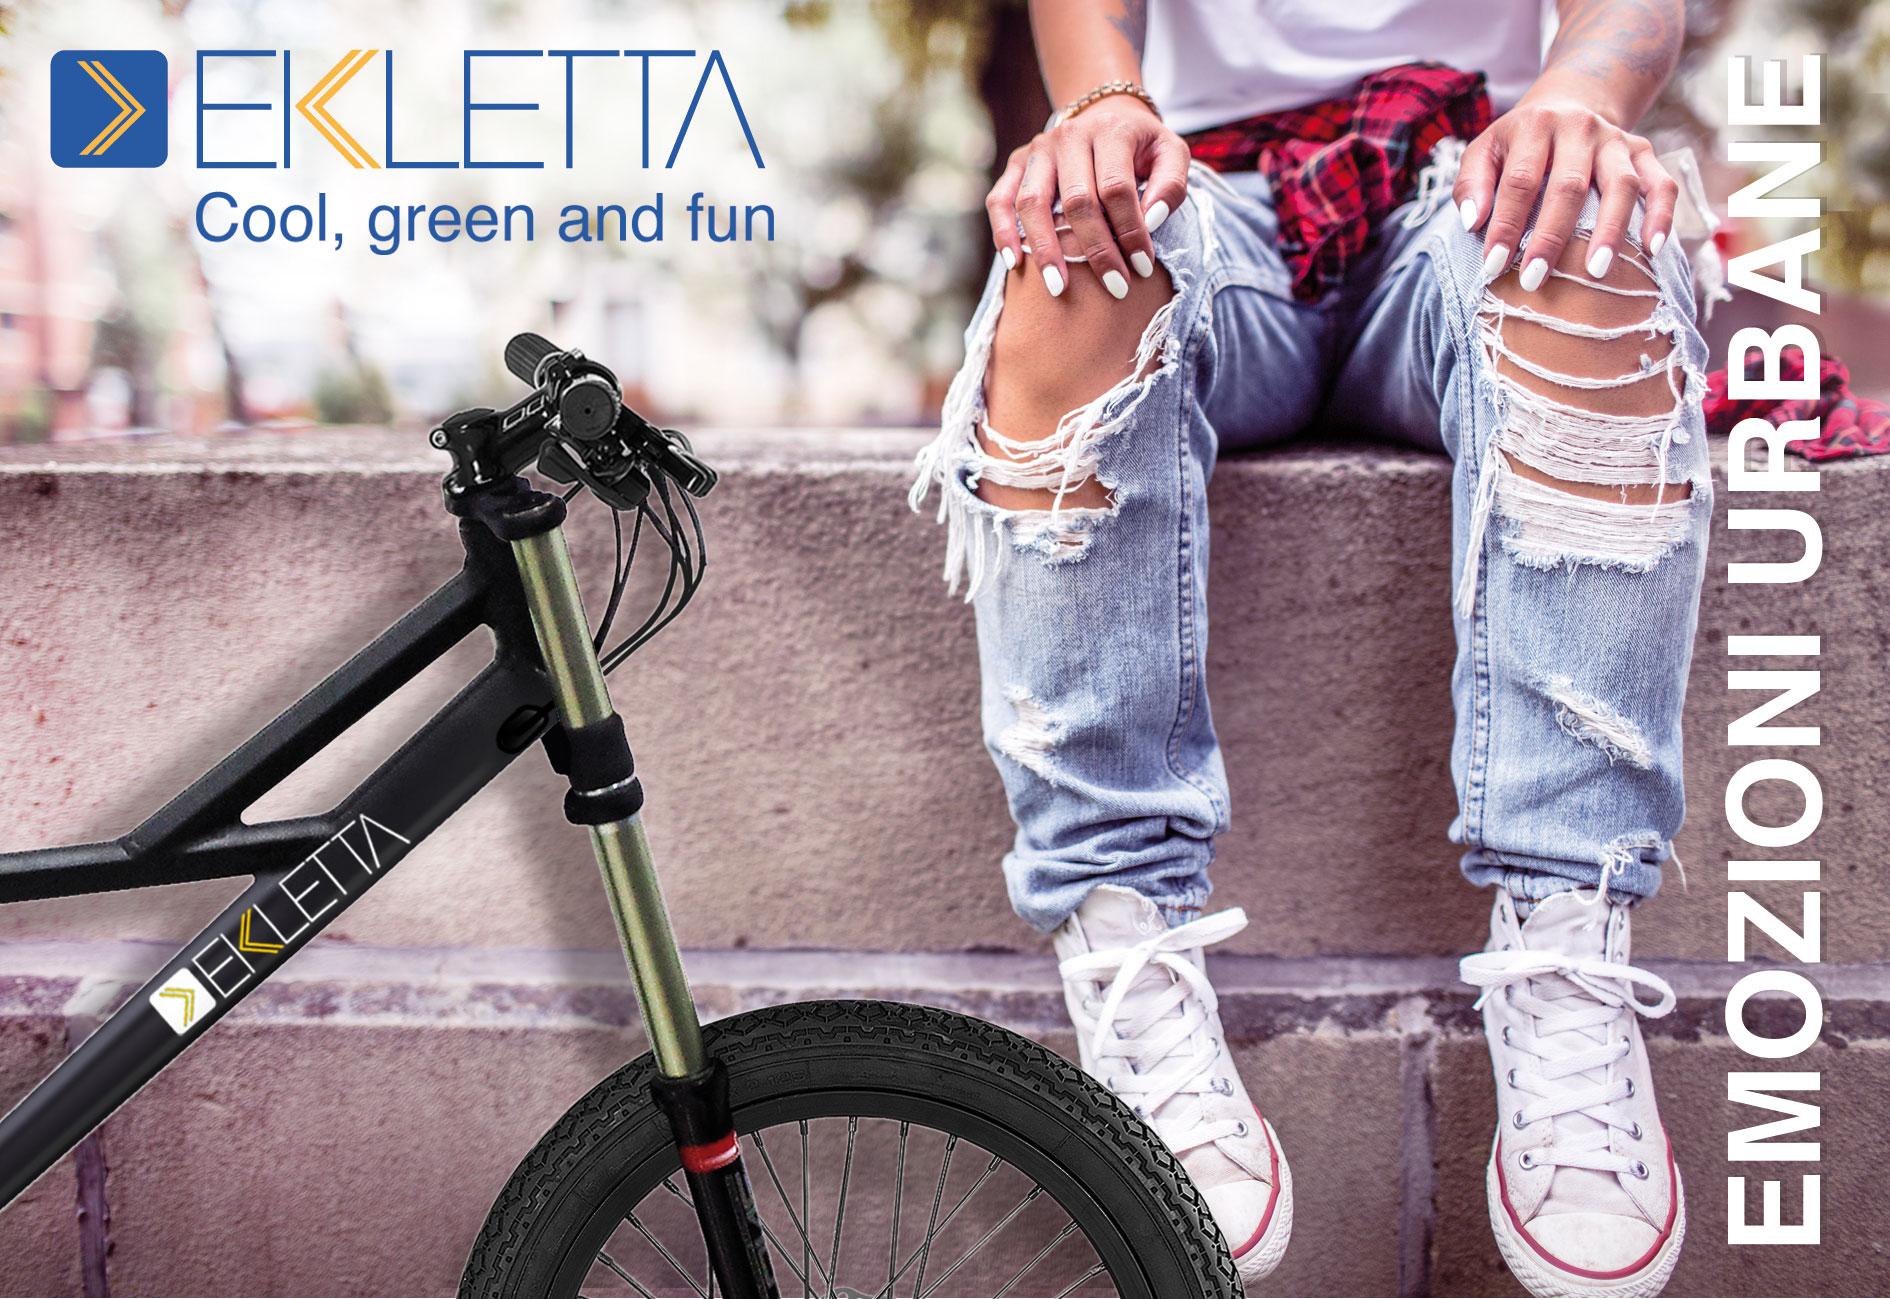 ekletta biciclette elettriche